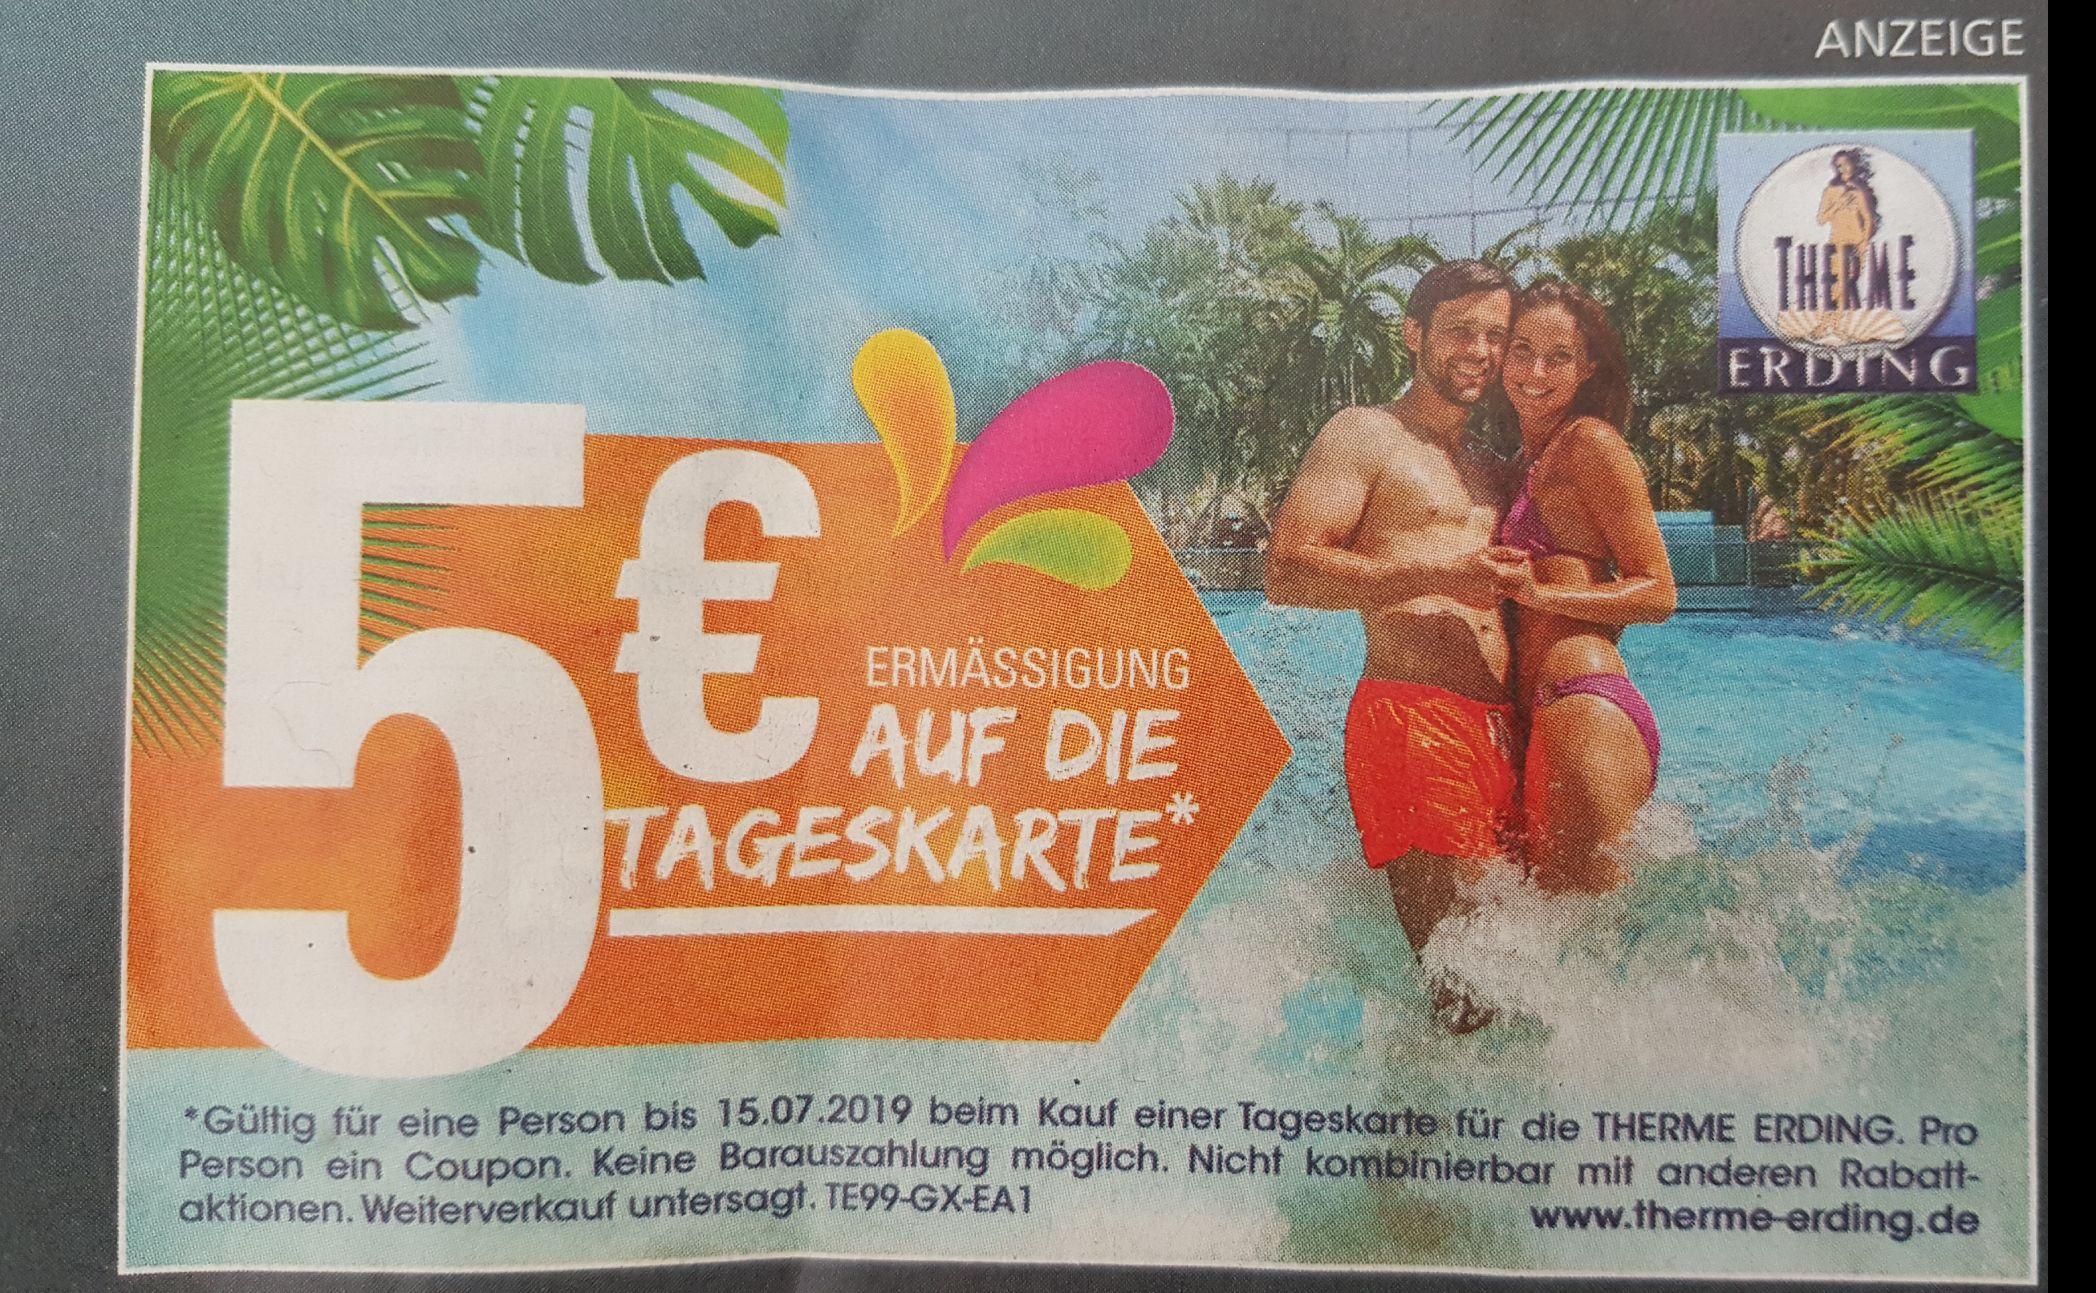 Therme Erding: 5€ Rabatt auf Tageskarten (ohne MBW, offline)